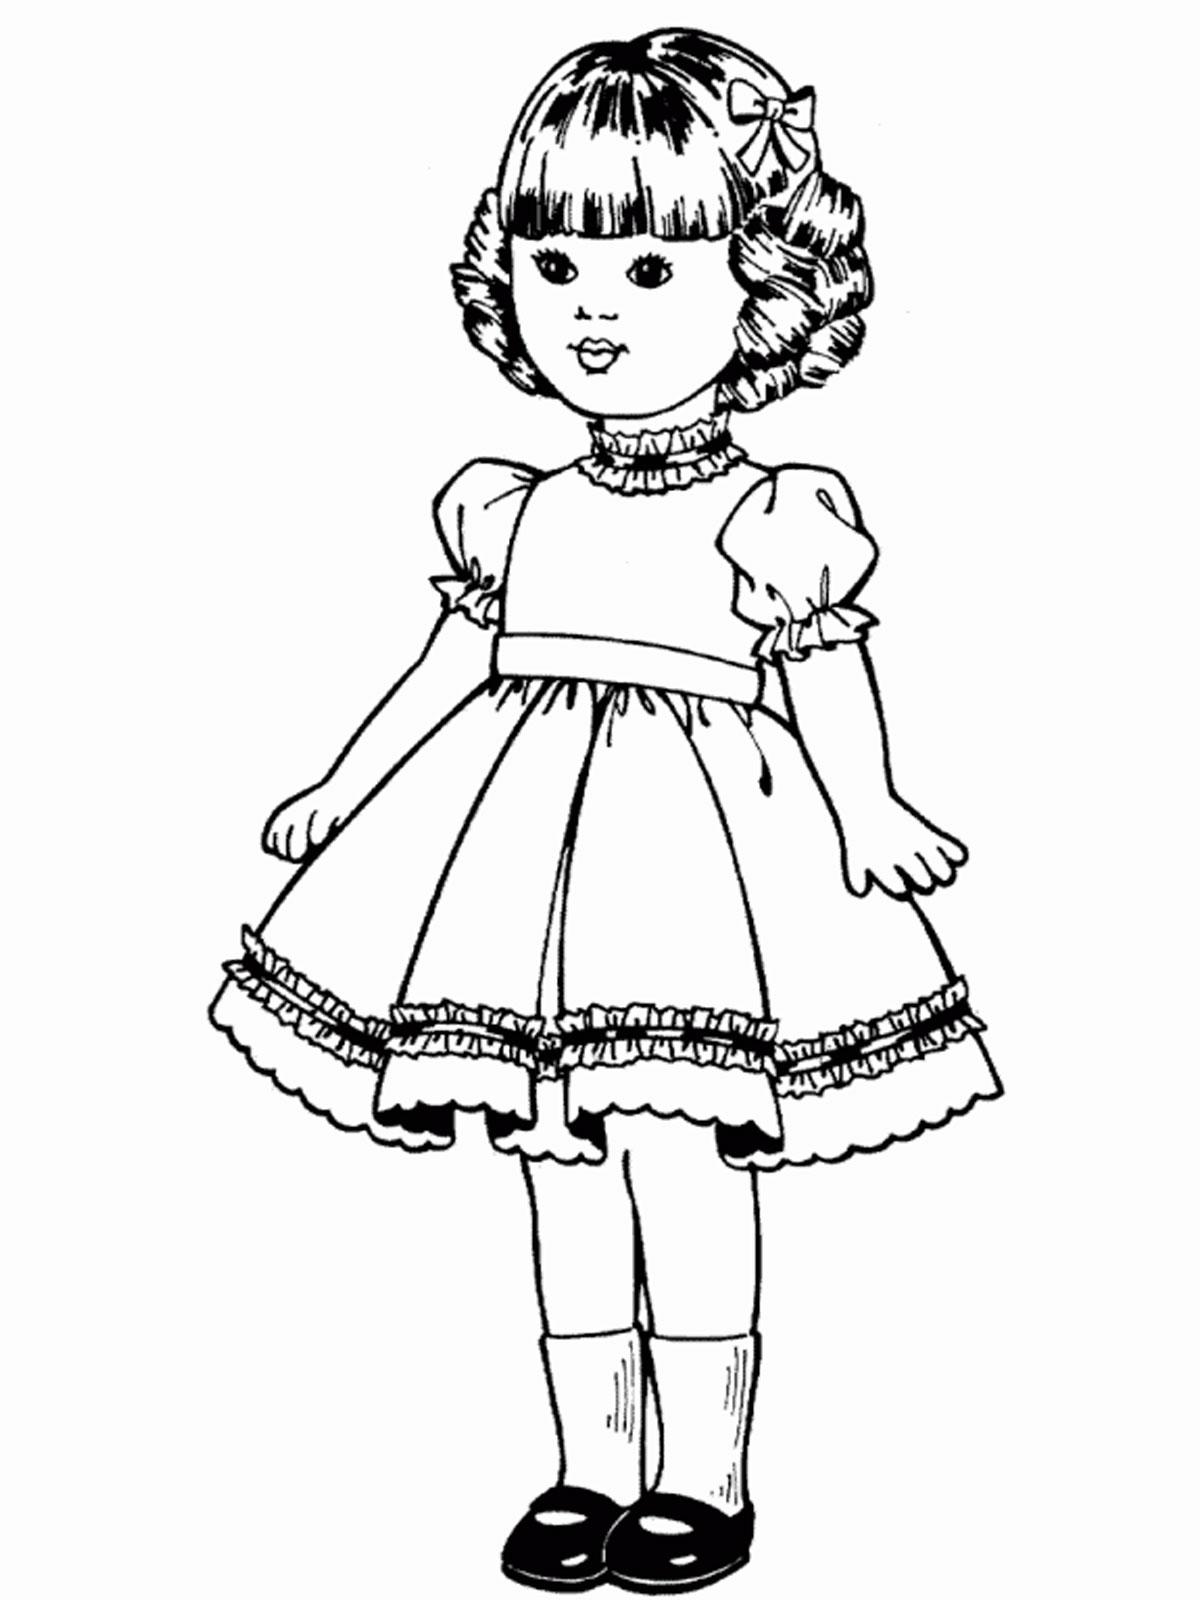 Раскраски куклы Ляли. Скачать. Распечатать